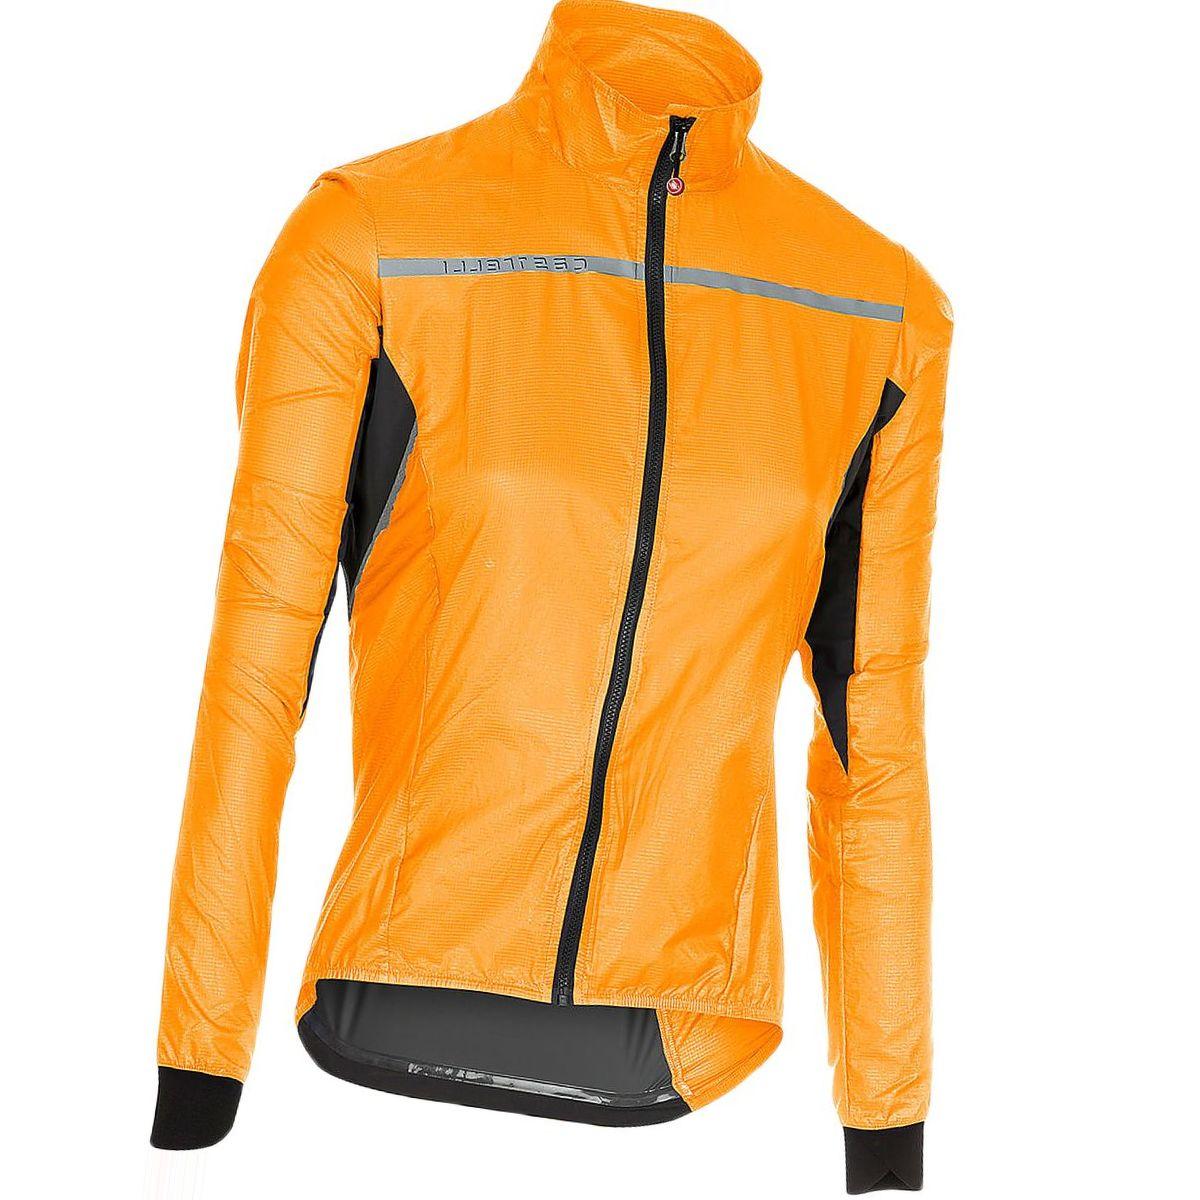 Castelli Superleggera Jacket - Women's